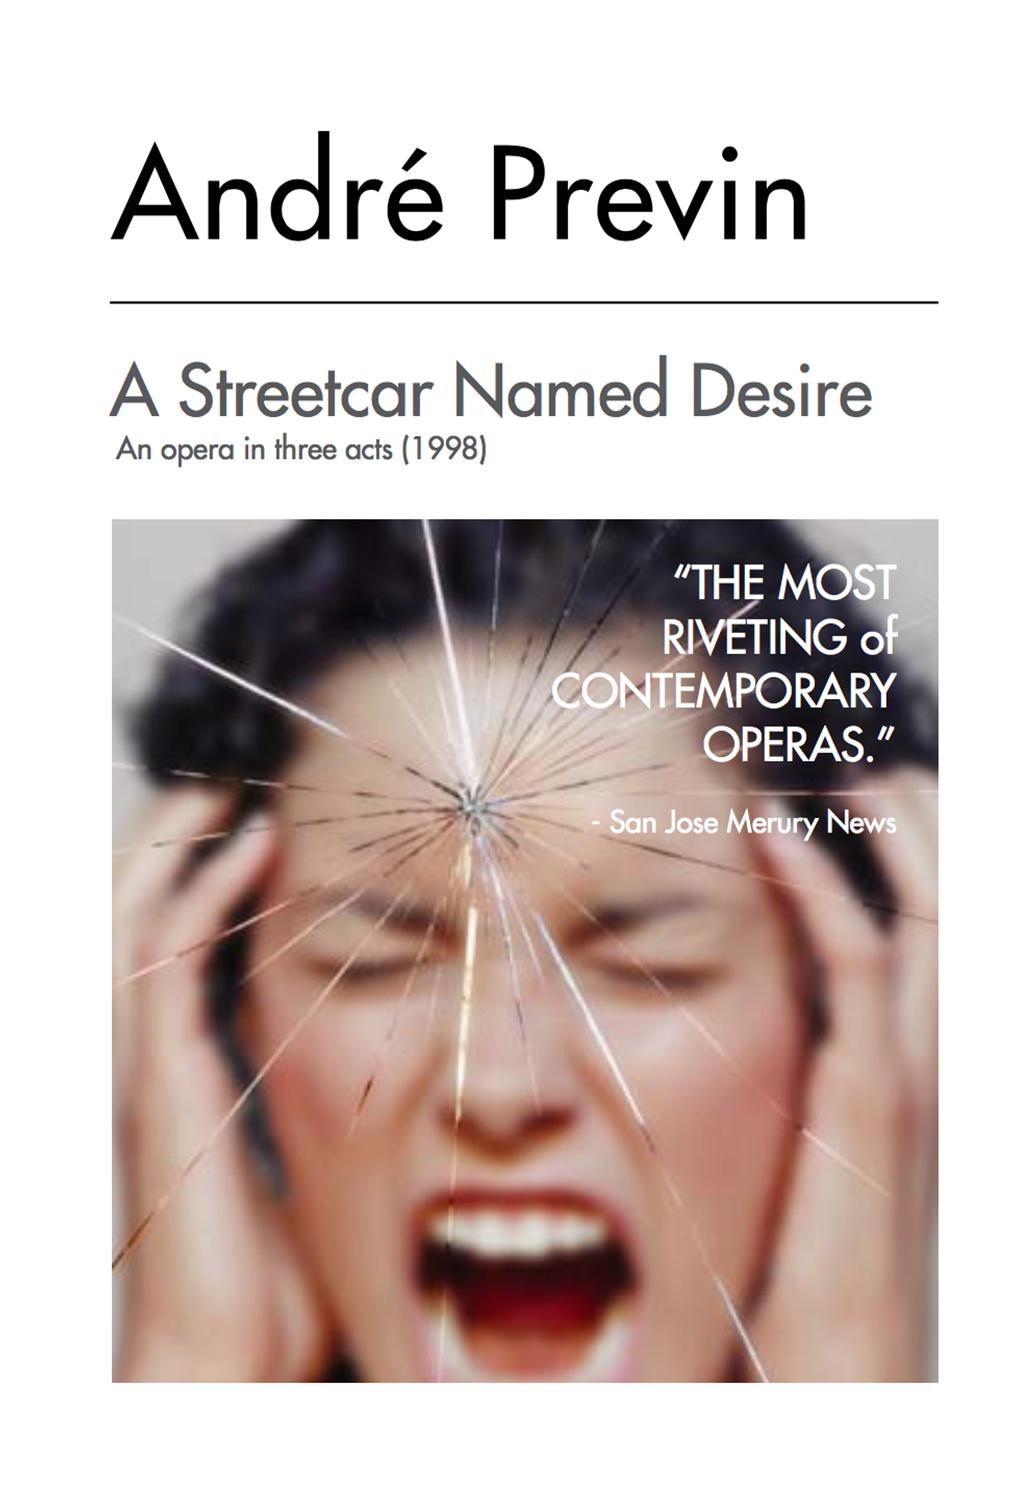 downloadable brochure